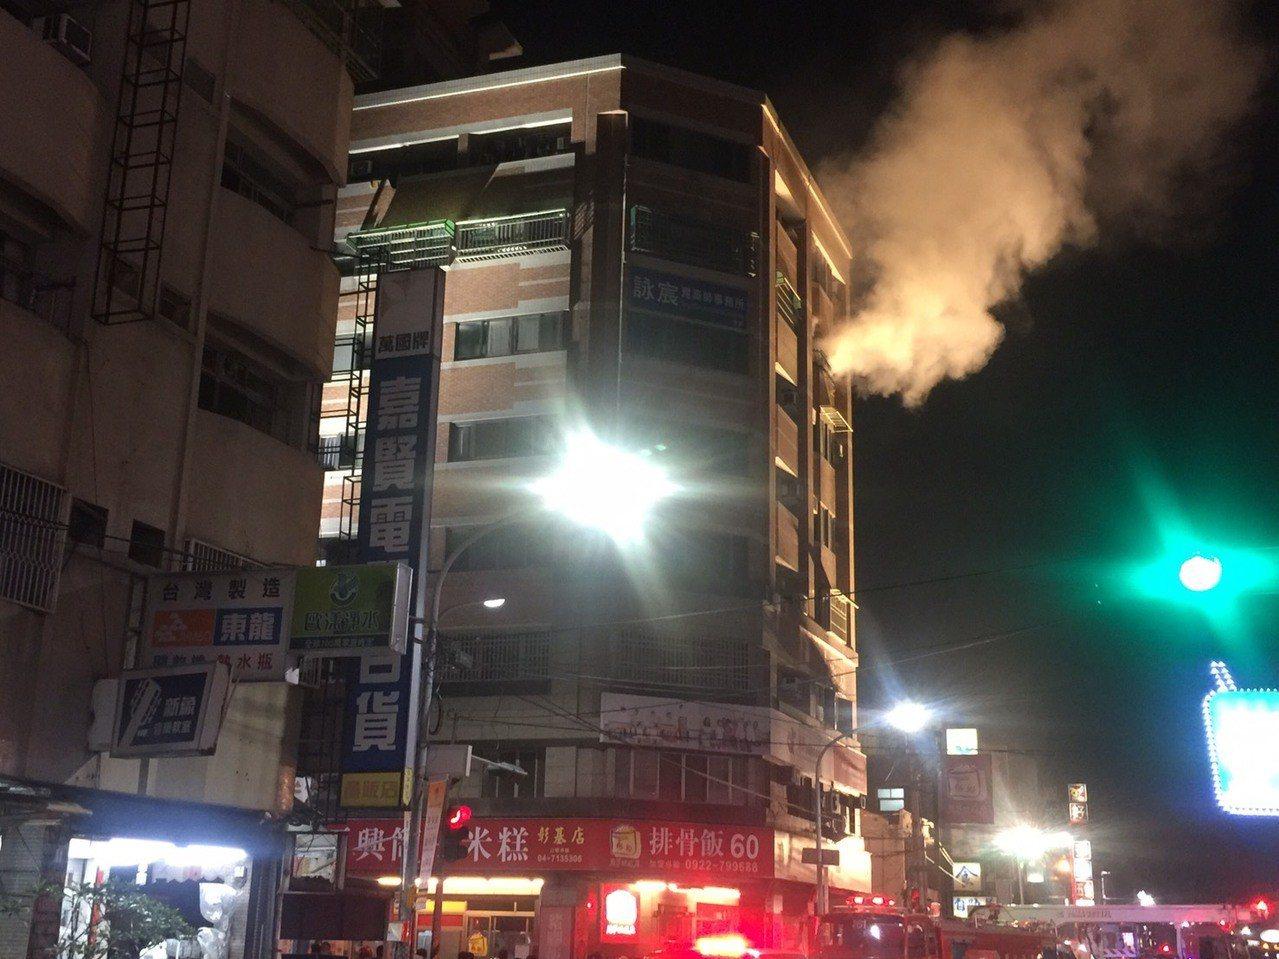 彰化市中興路晚間發生集合式住宅火警,火勢已控制。記者劉明岩/攝影